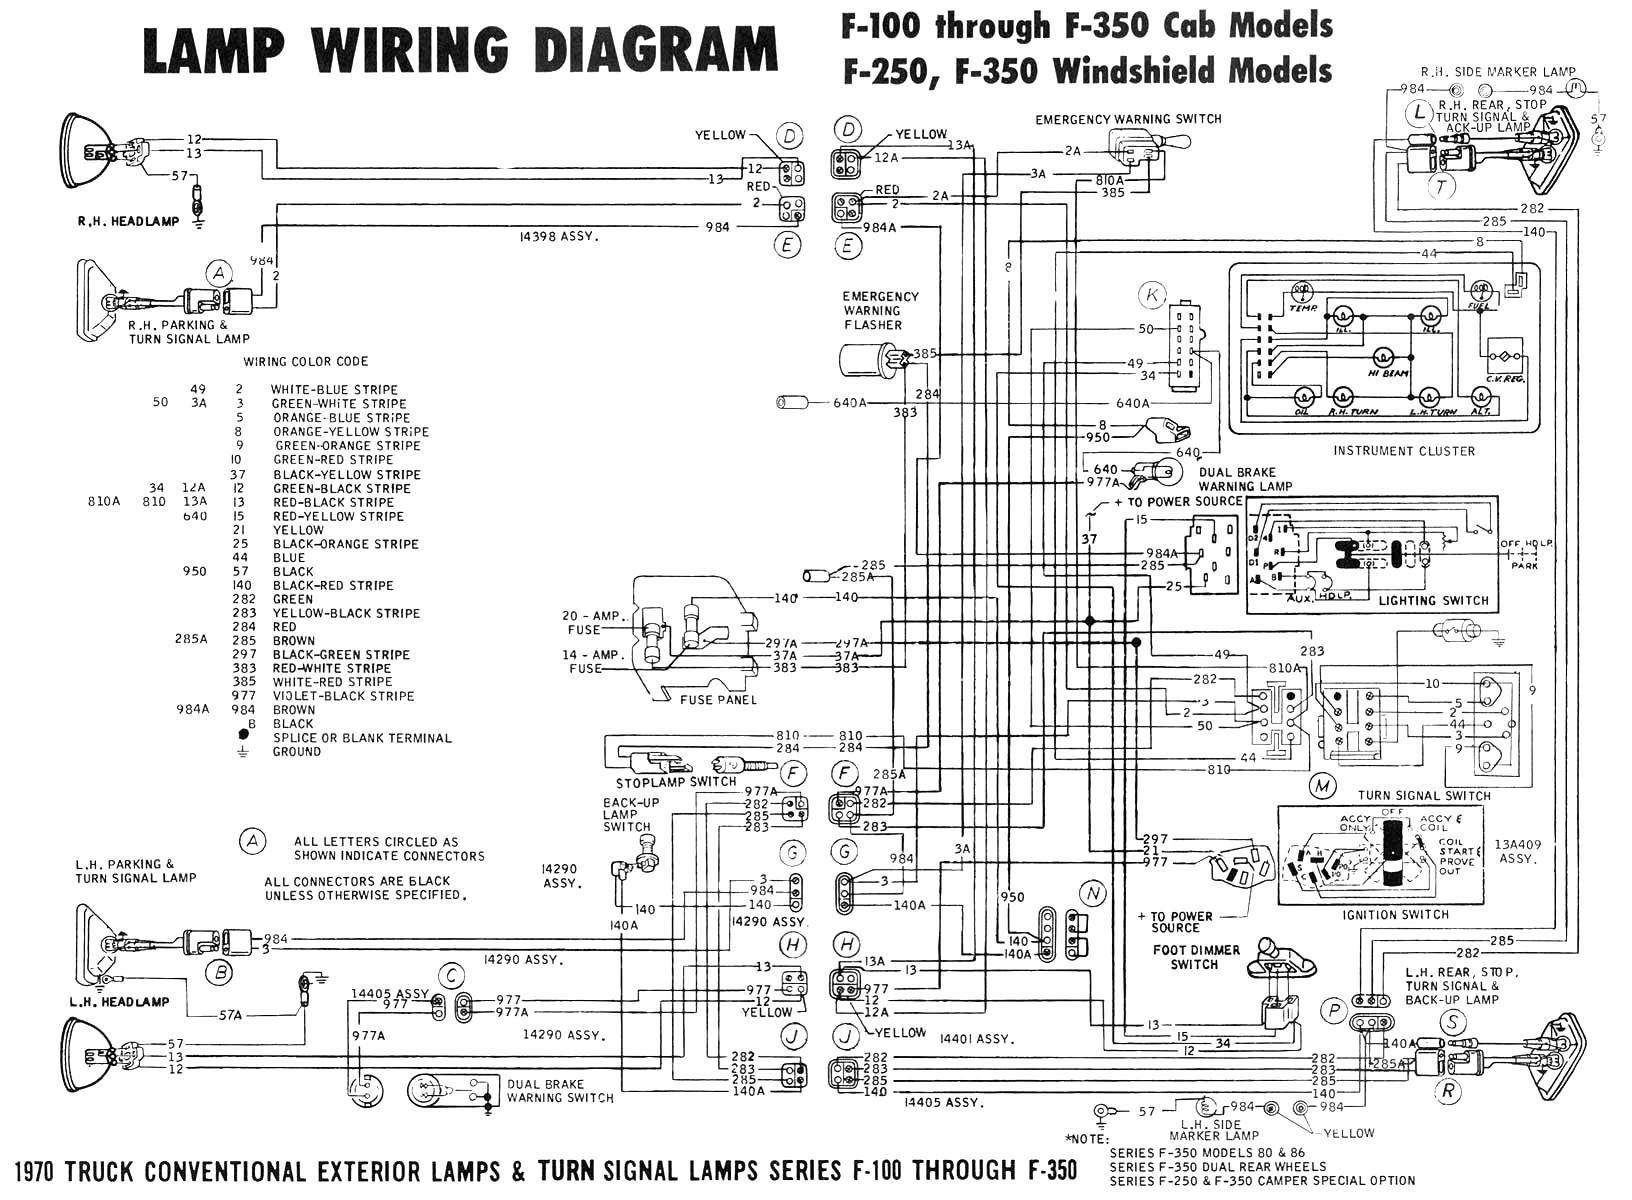 wiring diagram 2005 chevy silverado 1500 fuel system wiring wiring diagram also 2001 chevy silverado fuel